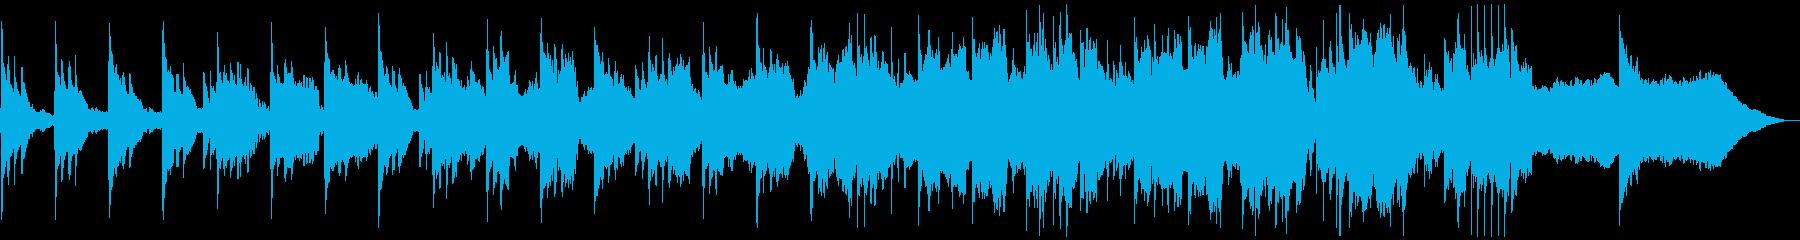 センチメンタルなストリングとピアノの再生済みの波形